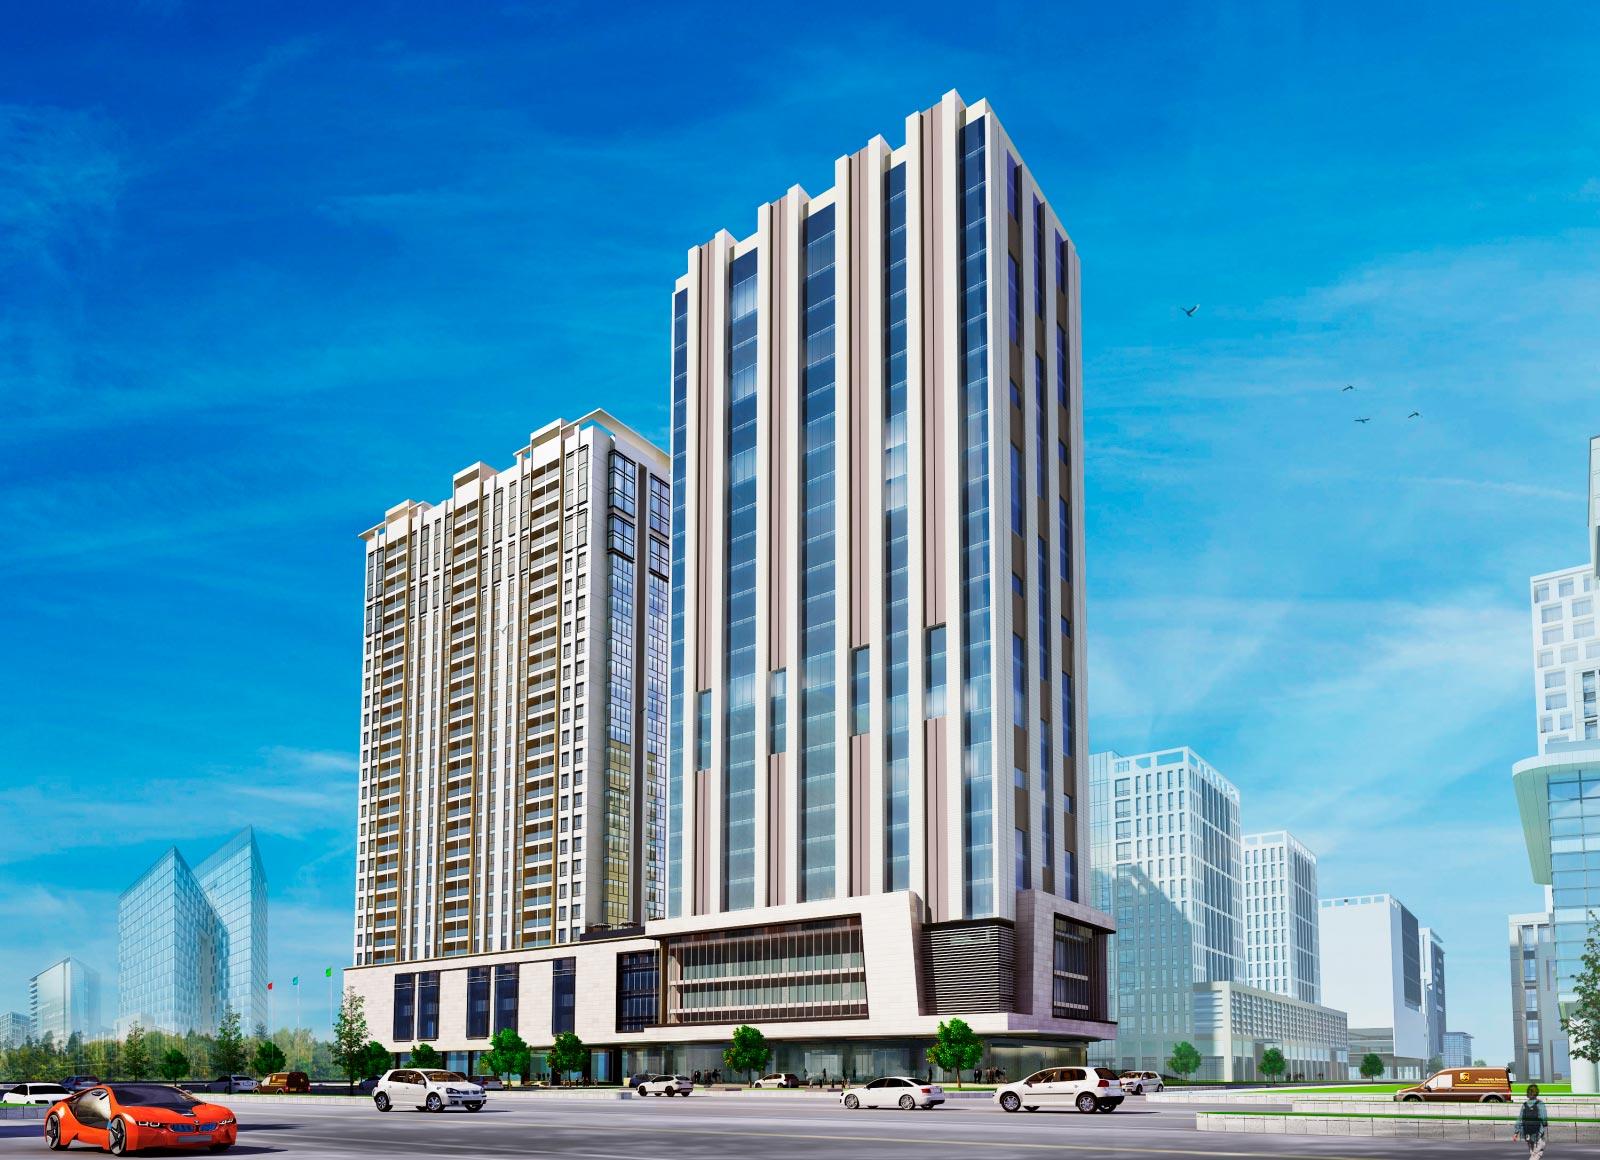 Bảng giá cho thuê căn hộ chung cư 152 Điện Biên Phủ